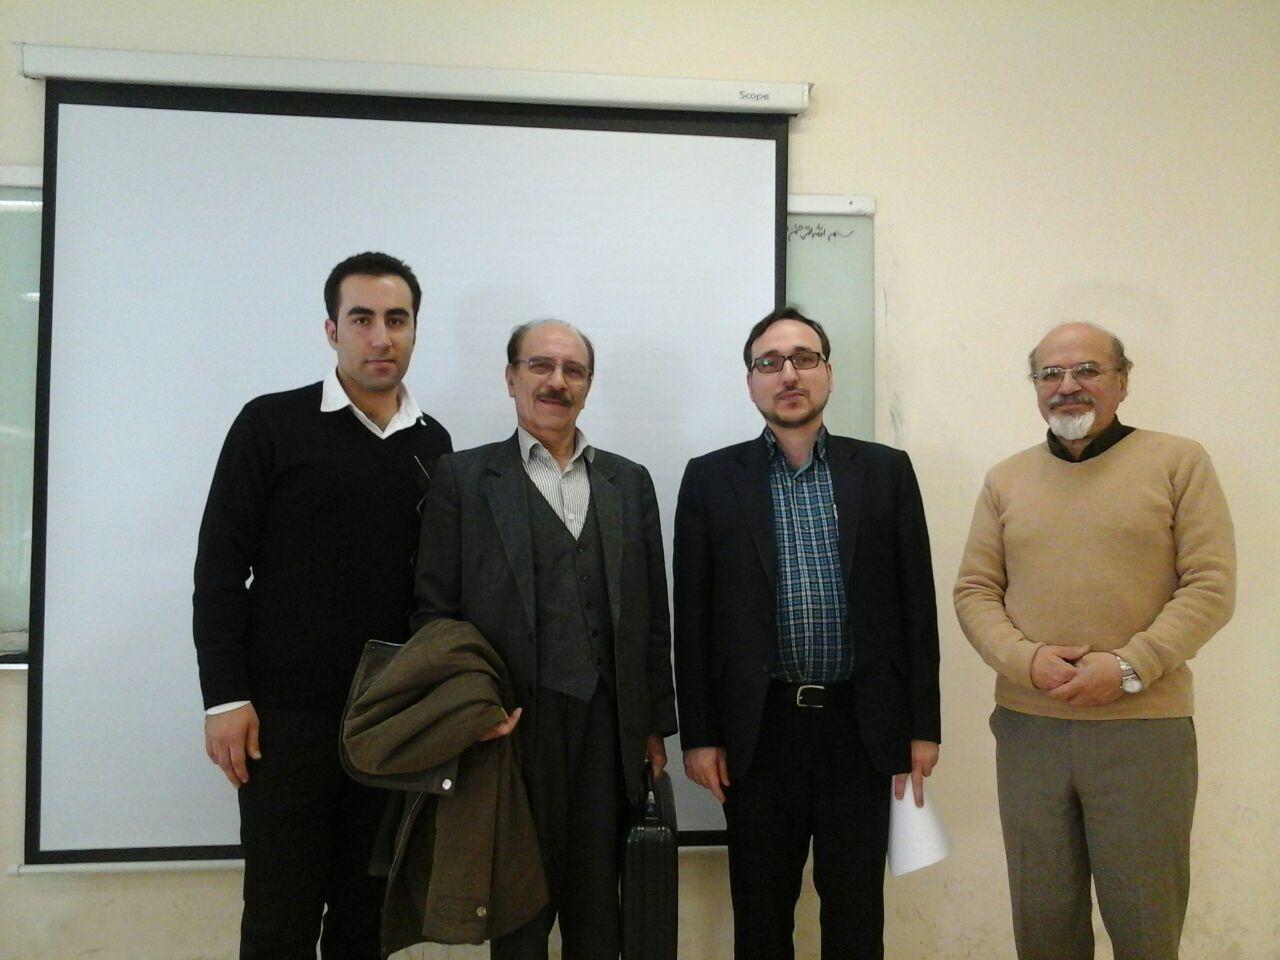 جلسه دفاع از پایان نامه کارشناسی ارشد آقای ناصری